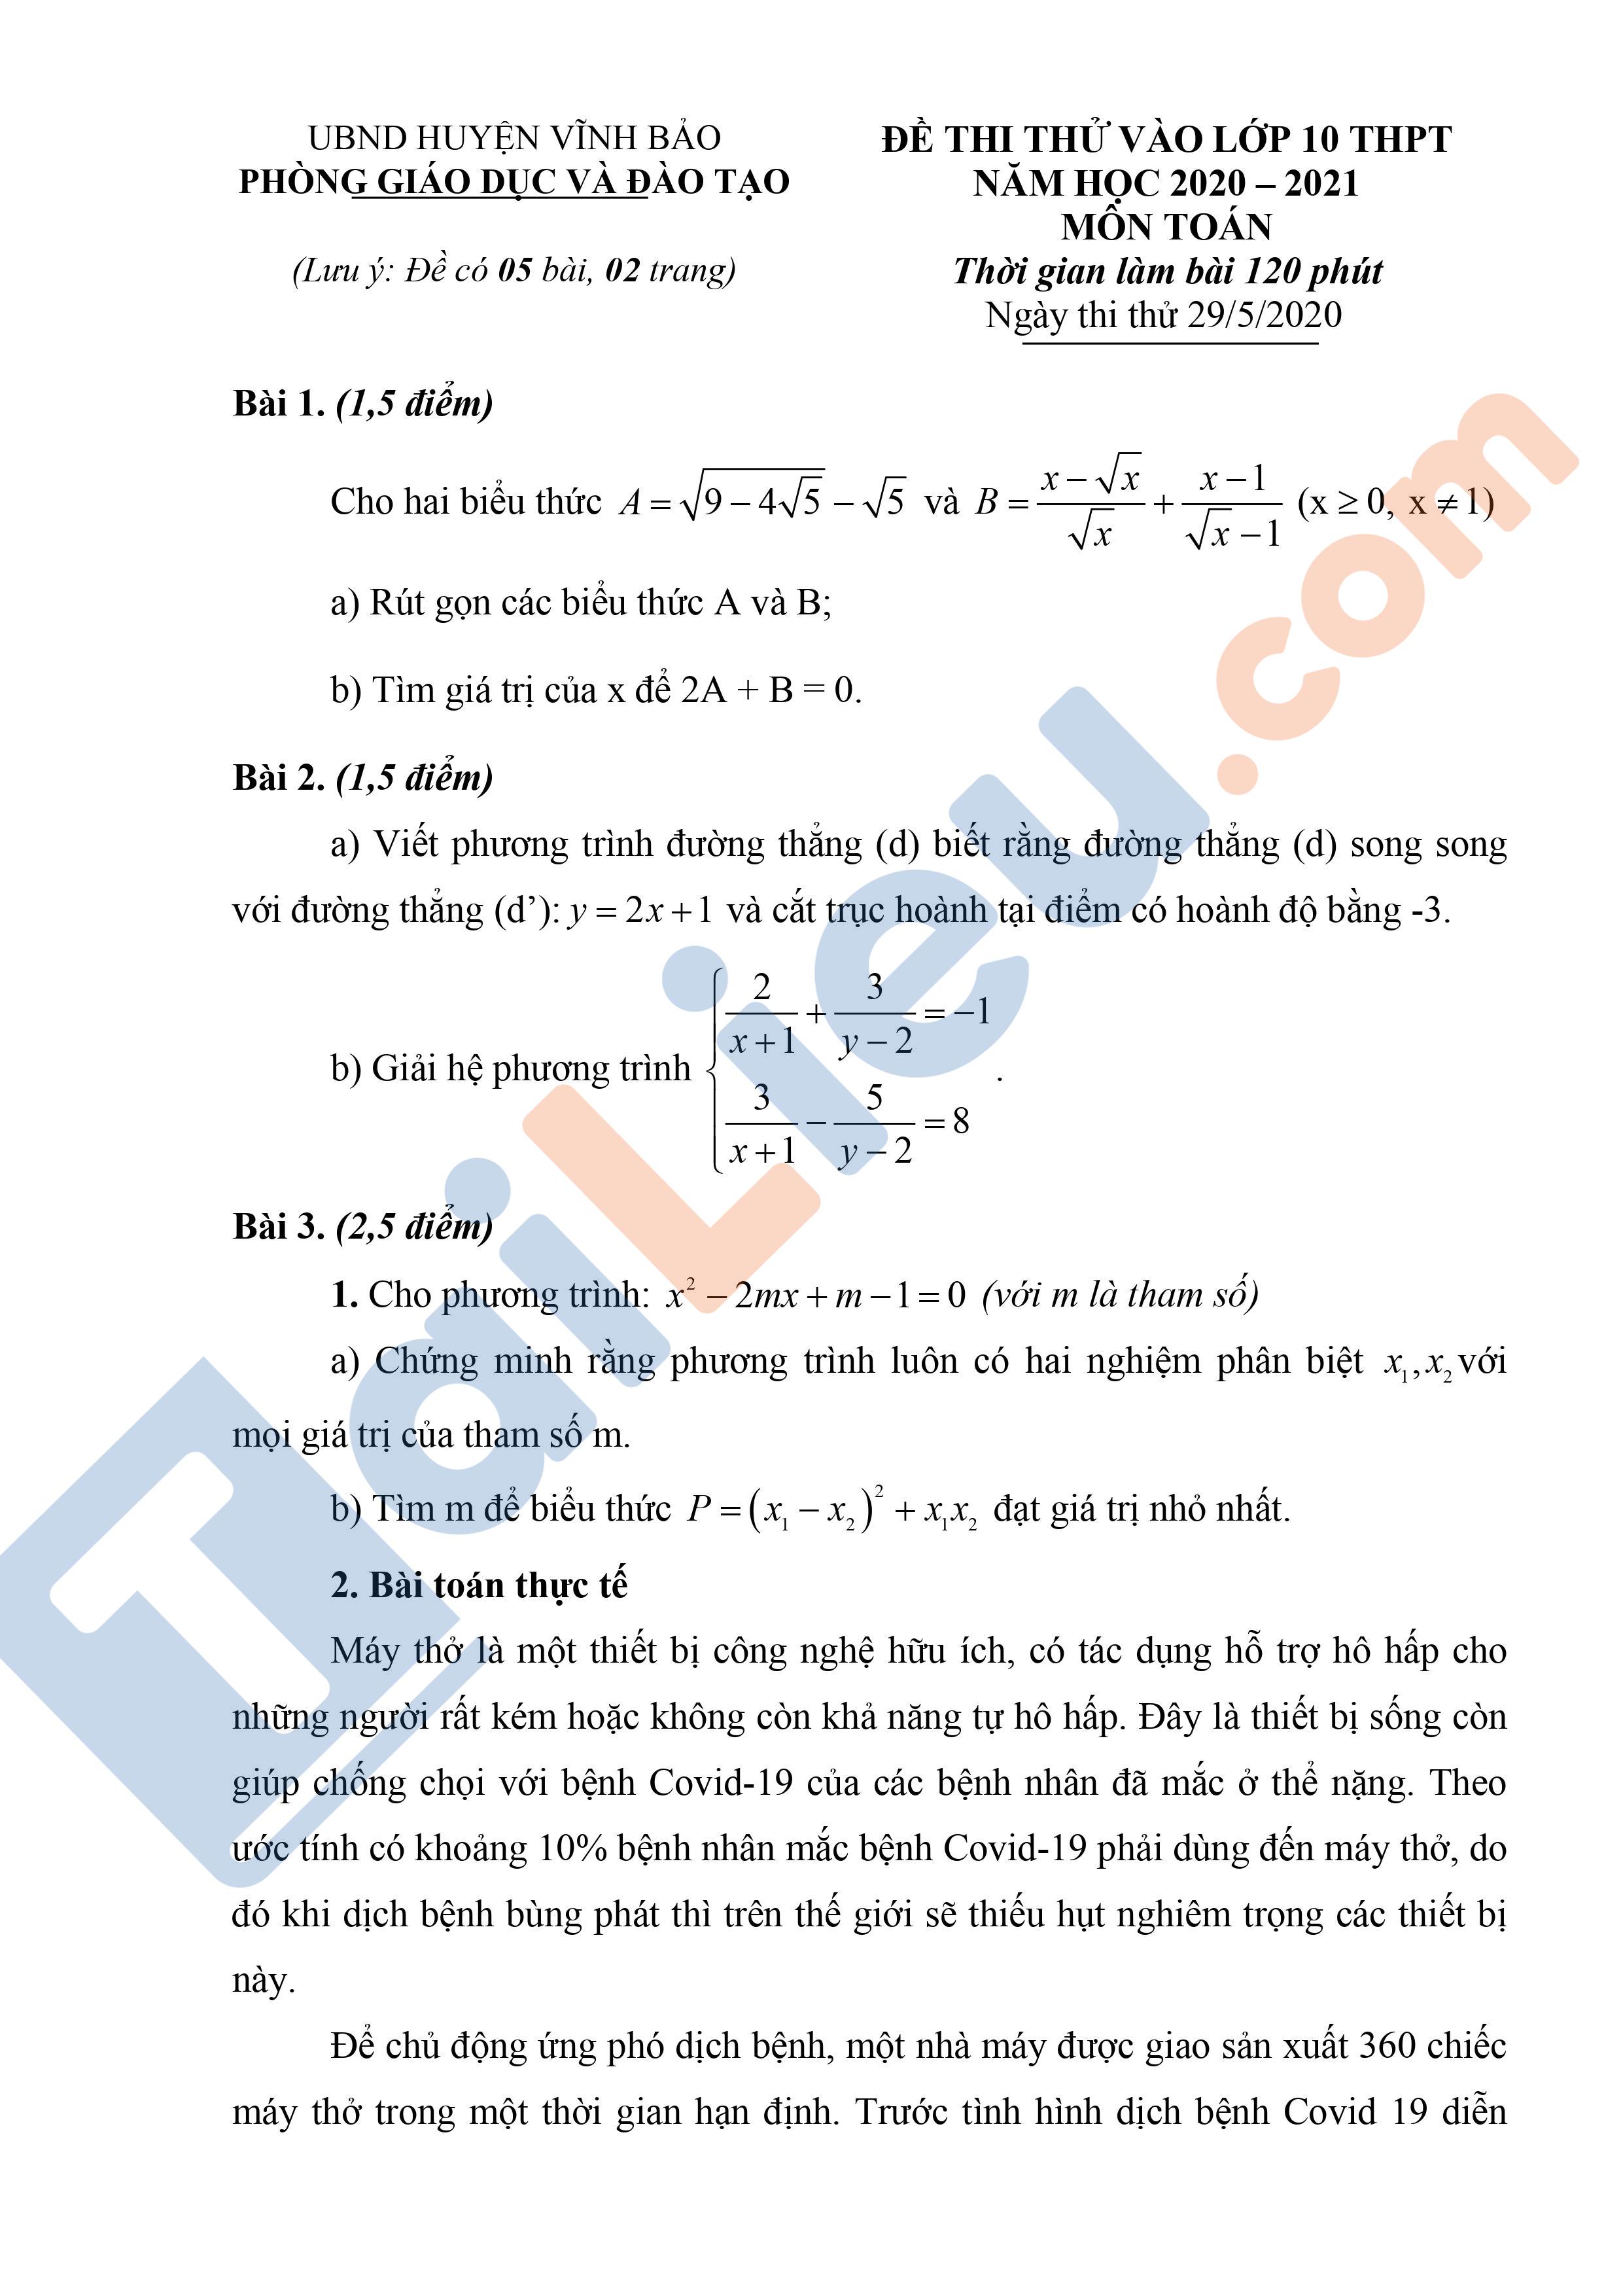 Đề thi thử vào lớp 10 môn Toán 2020 Phòng GD&ĐT Vĩnh Bảo - Hải Phòng